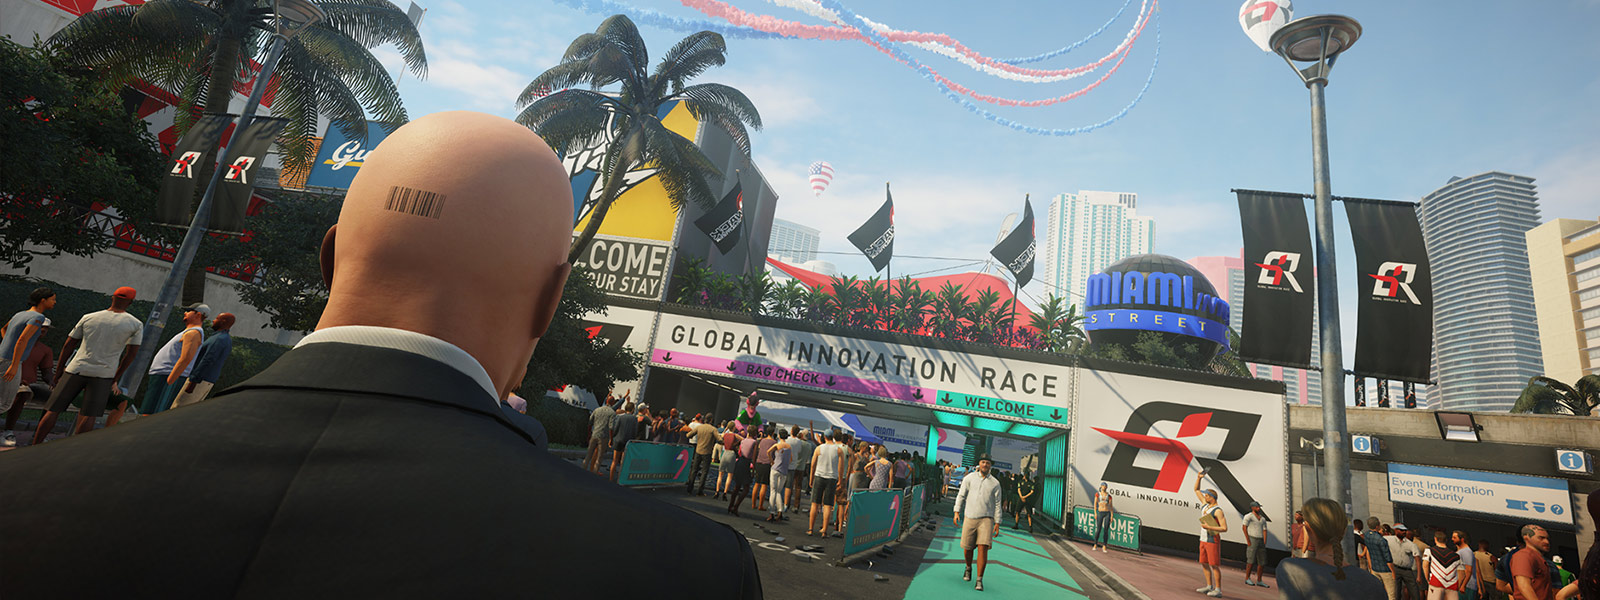 Agent 47 von hinten in einer Menschenmenge am Eingang zu einem Rennen in Miami